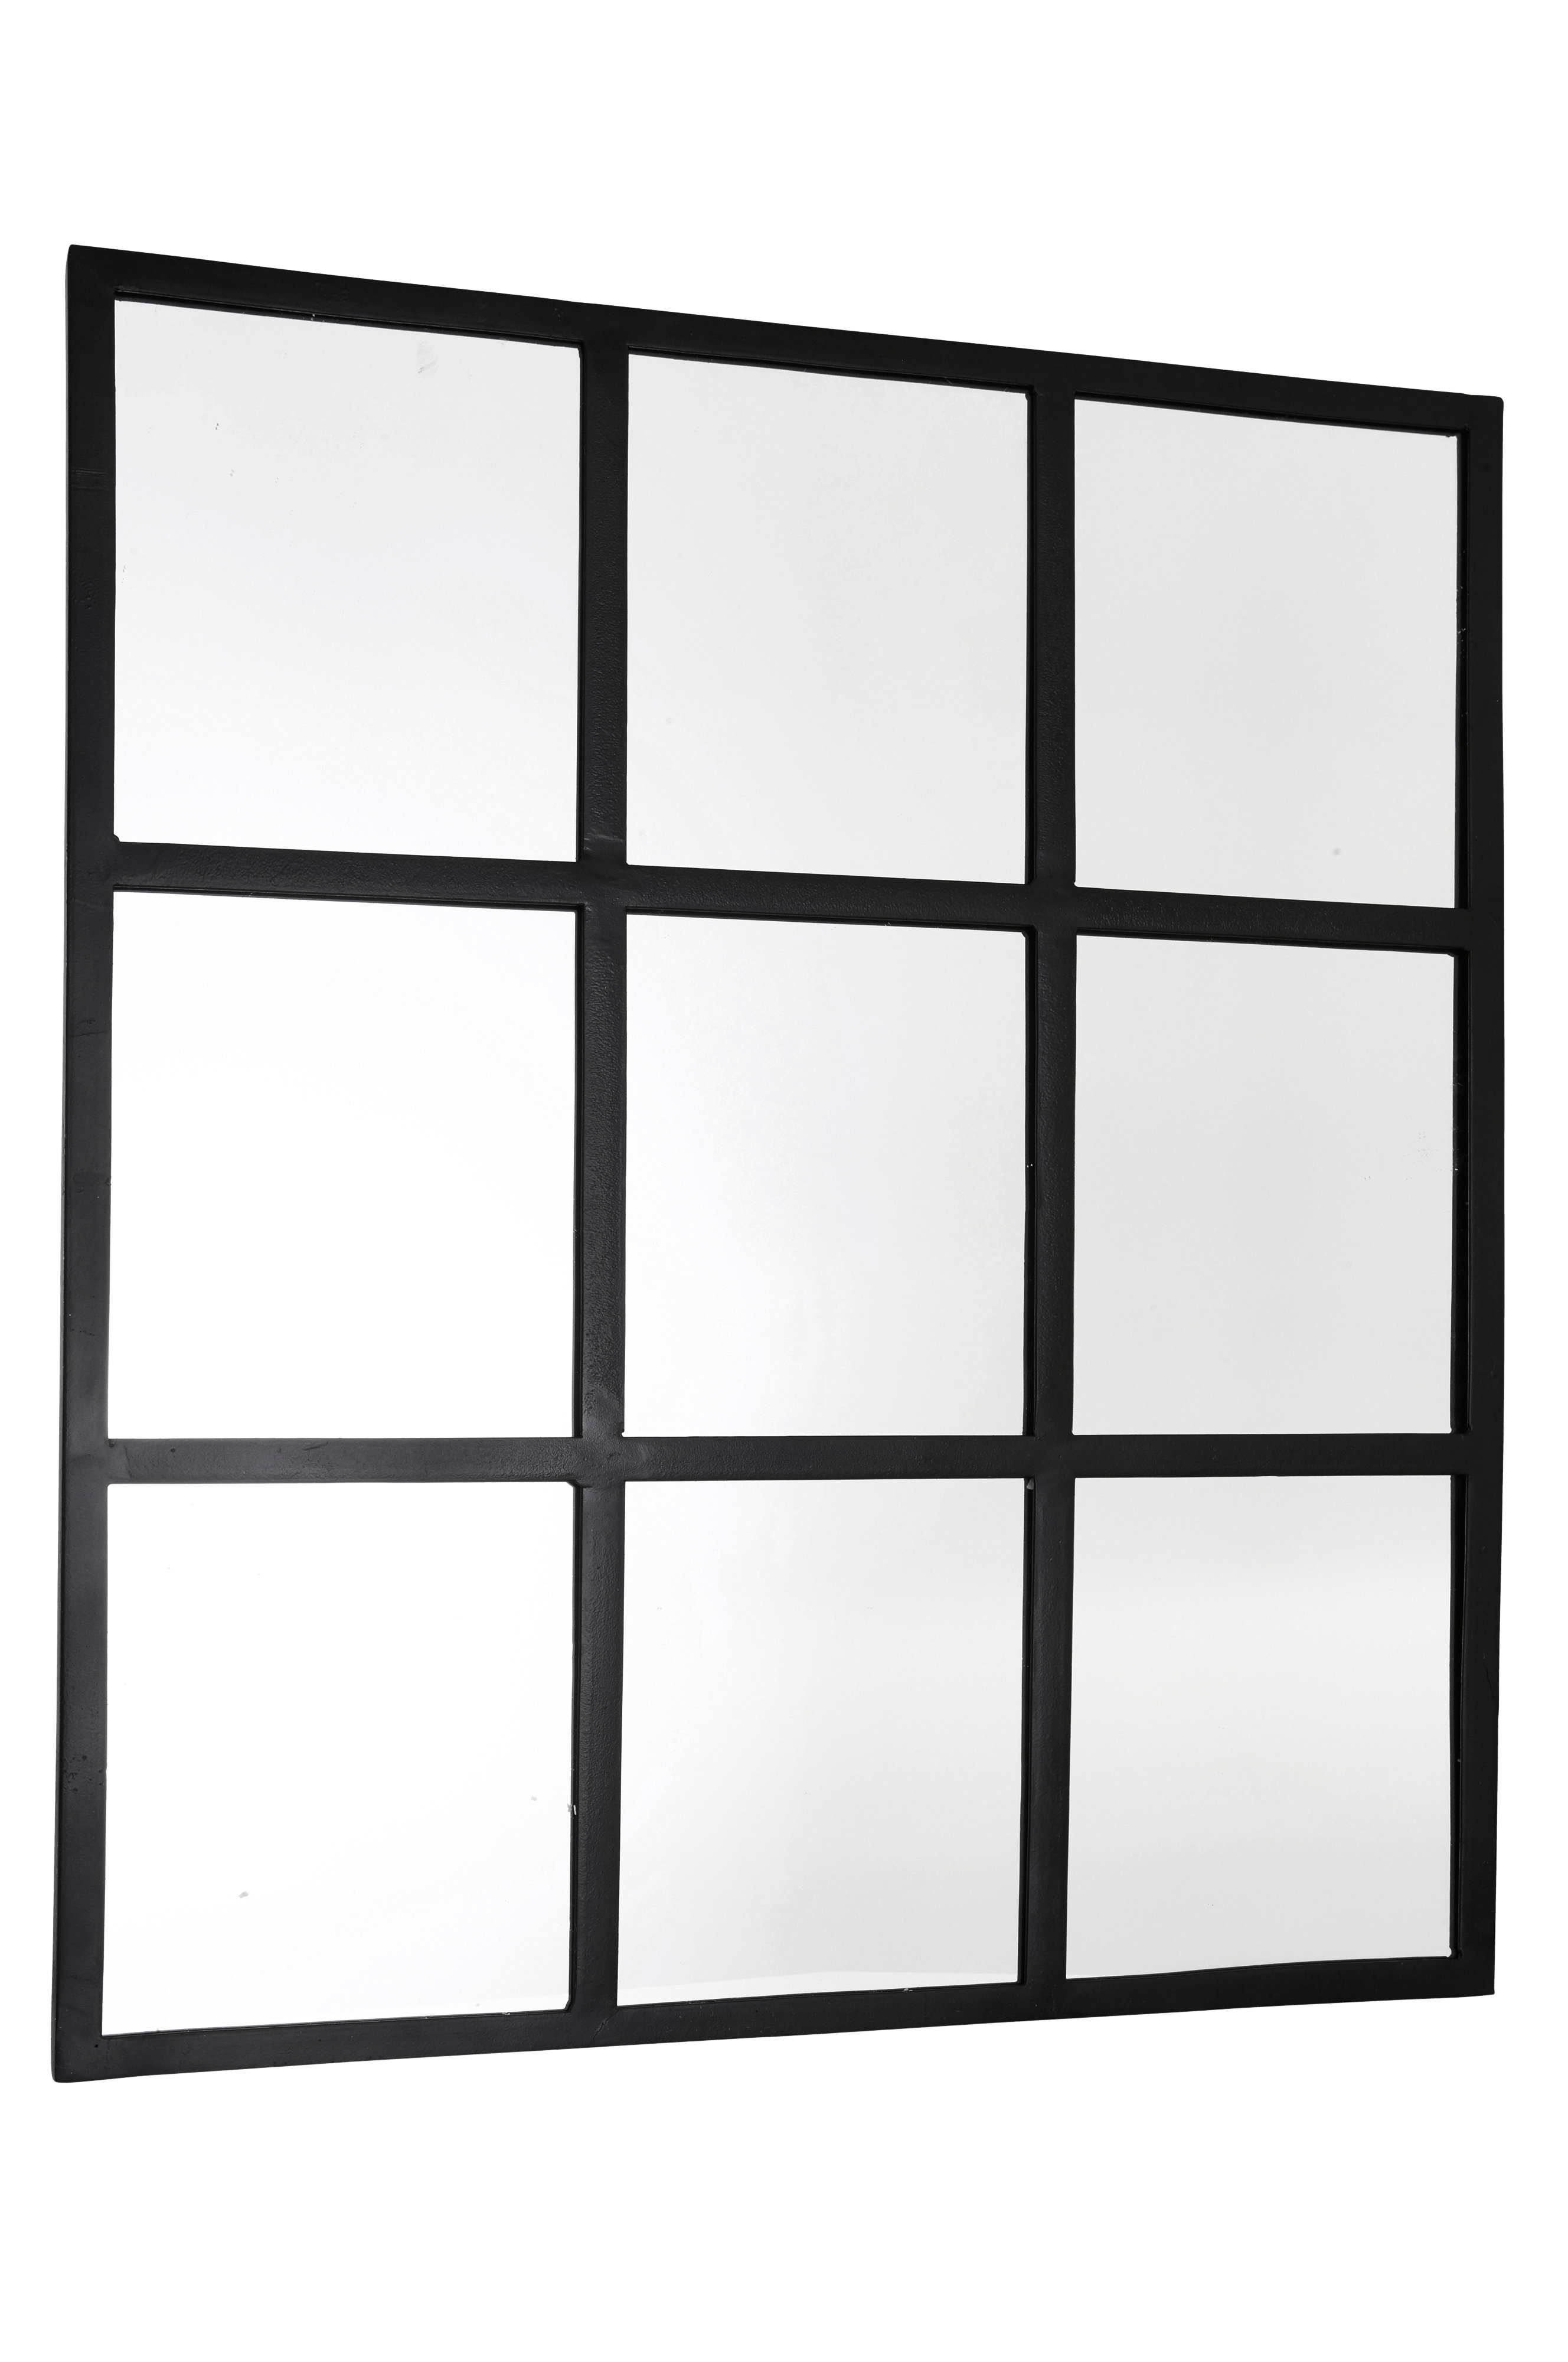 spegel med spröjs